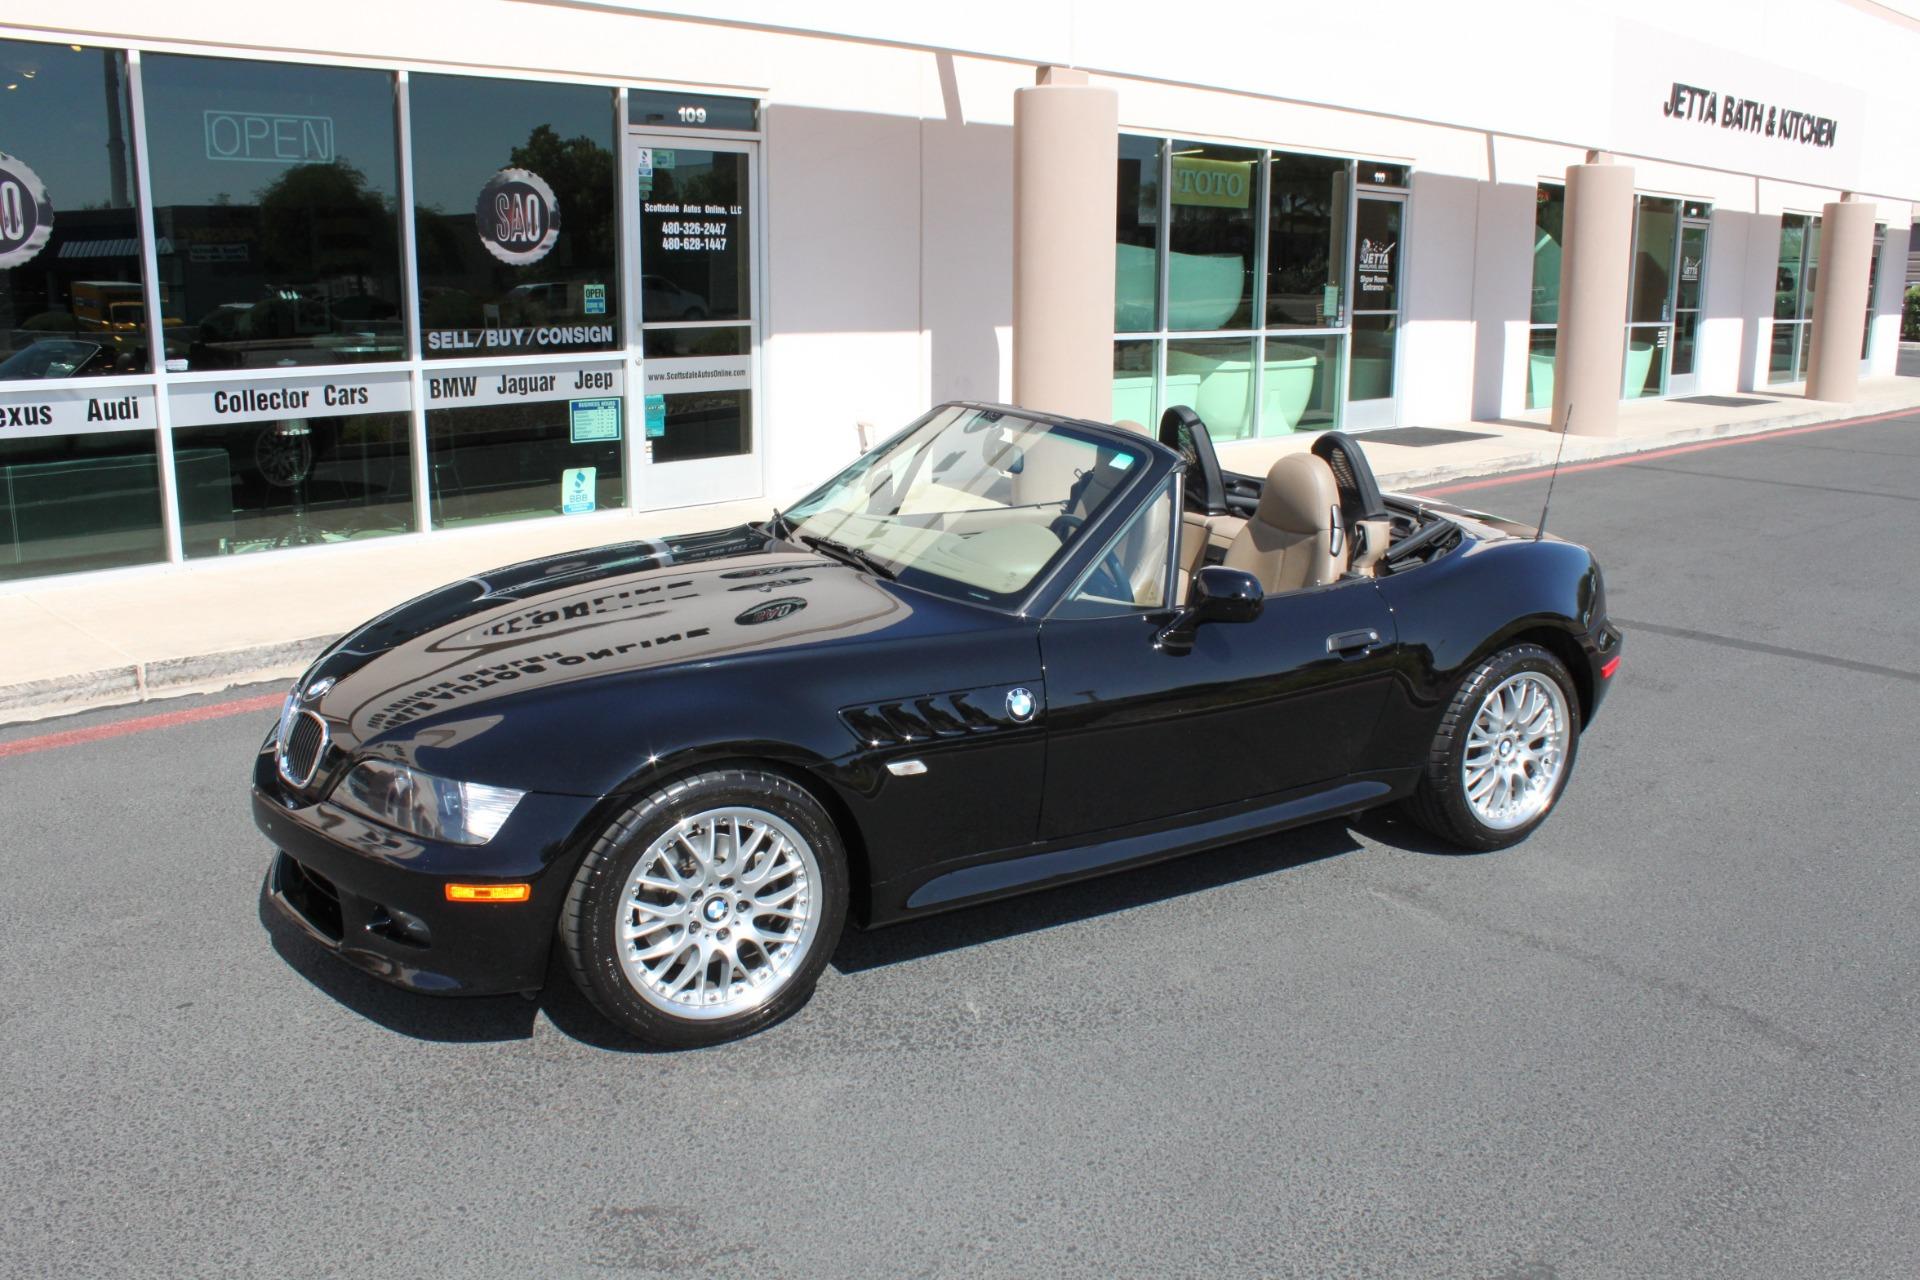 Used-2001-BMW-Z3-Roadster-30i-Fiat